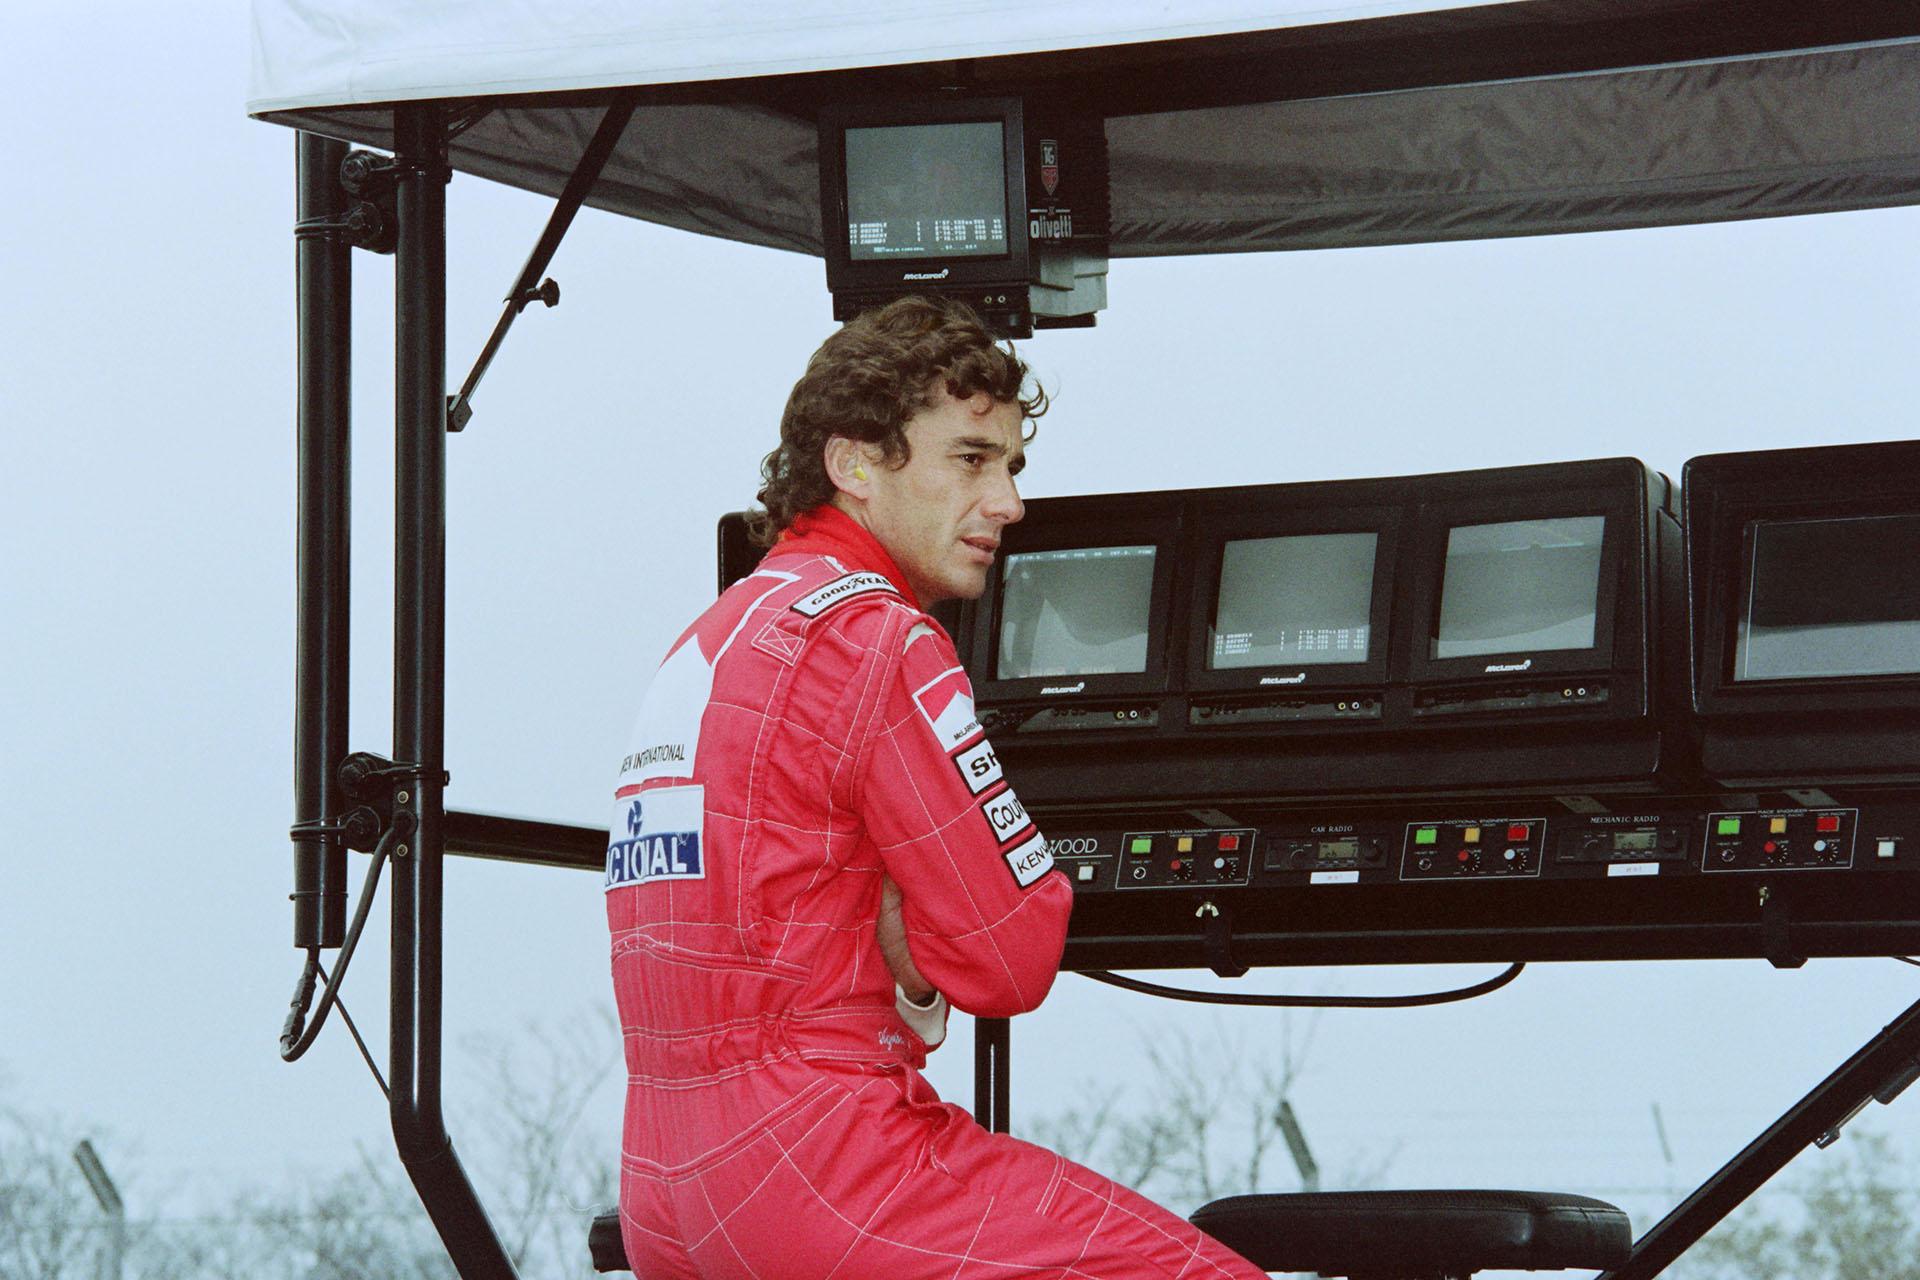 El brasileño Ayrton Senna, un estudioso de los tiempos y de los autos que piloteaba